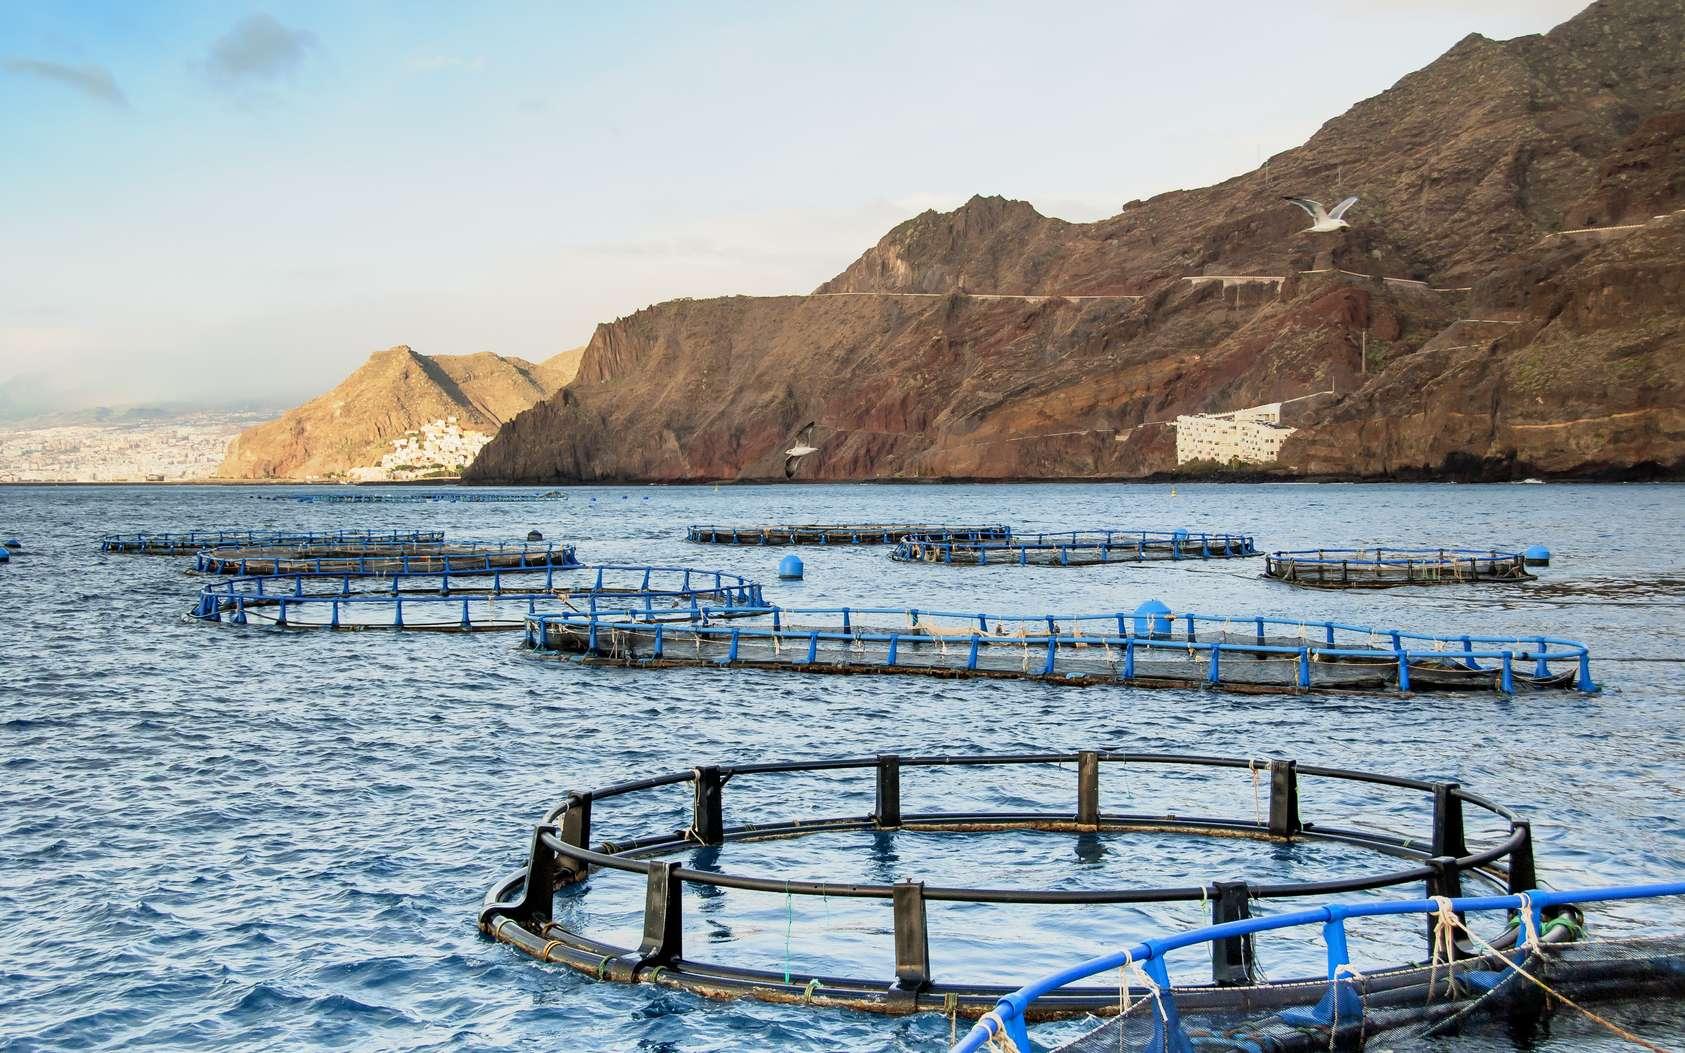 L'aquaculteur surveille son élevage de poissons et veille à leur bonne reproduction et à leur bonne croissance. © vallefrias, Fotolia.